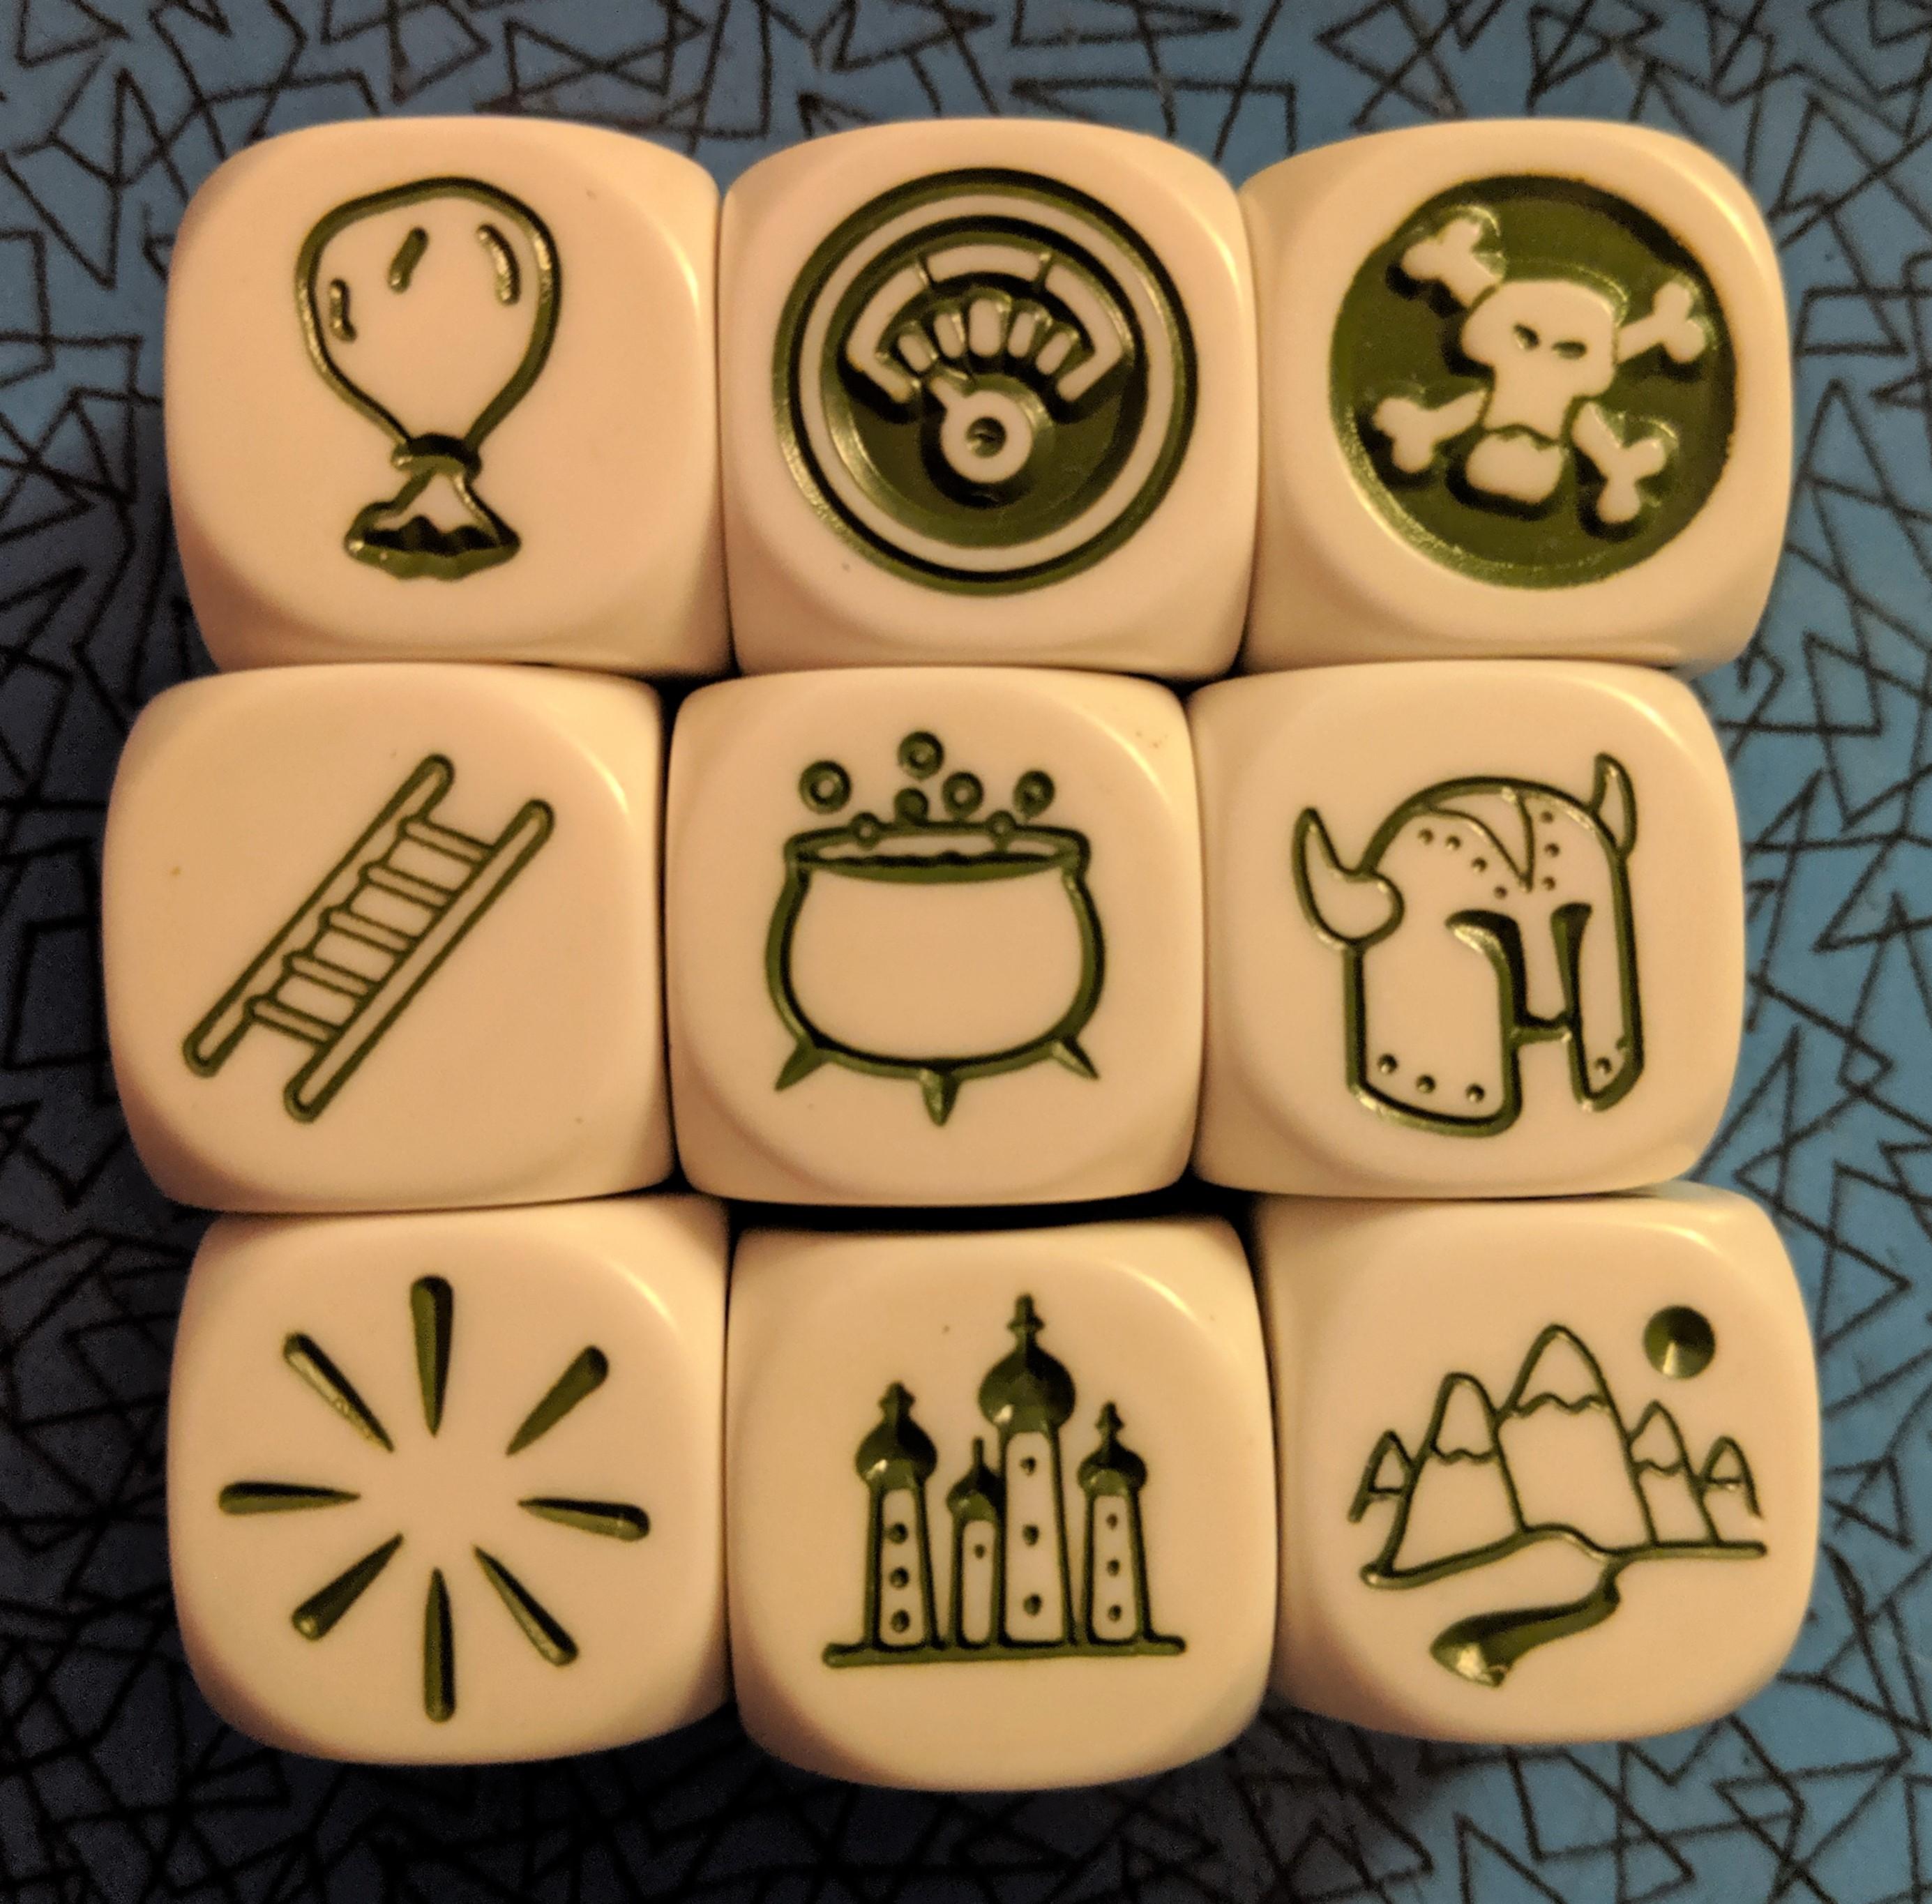 Eli's Story Cubes